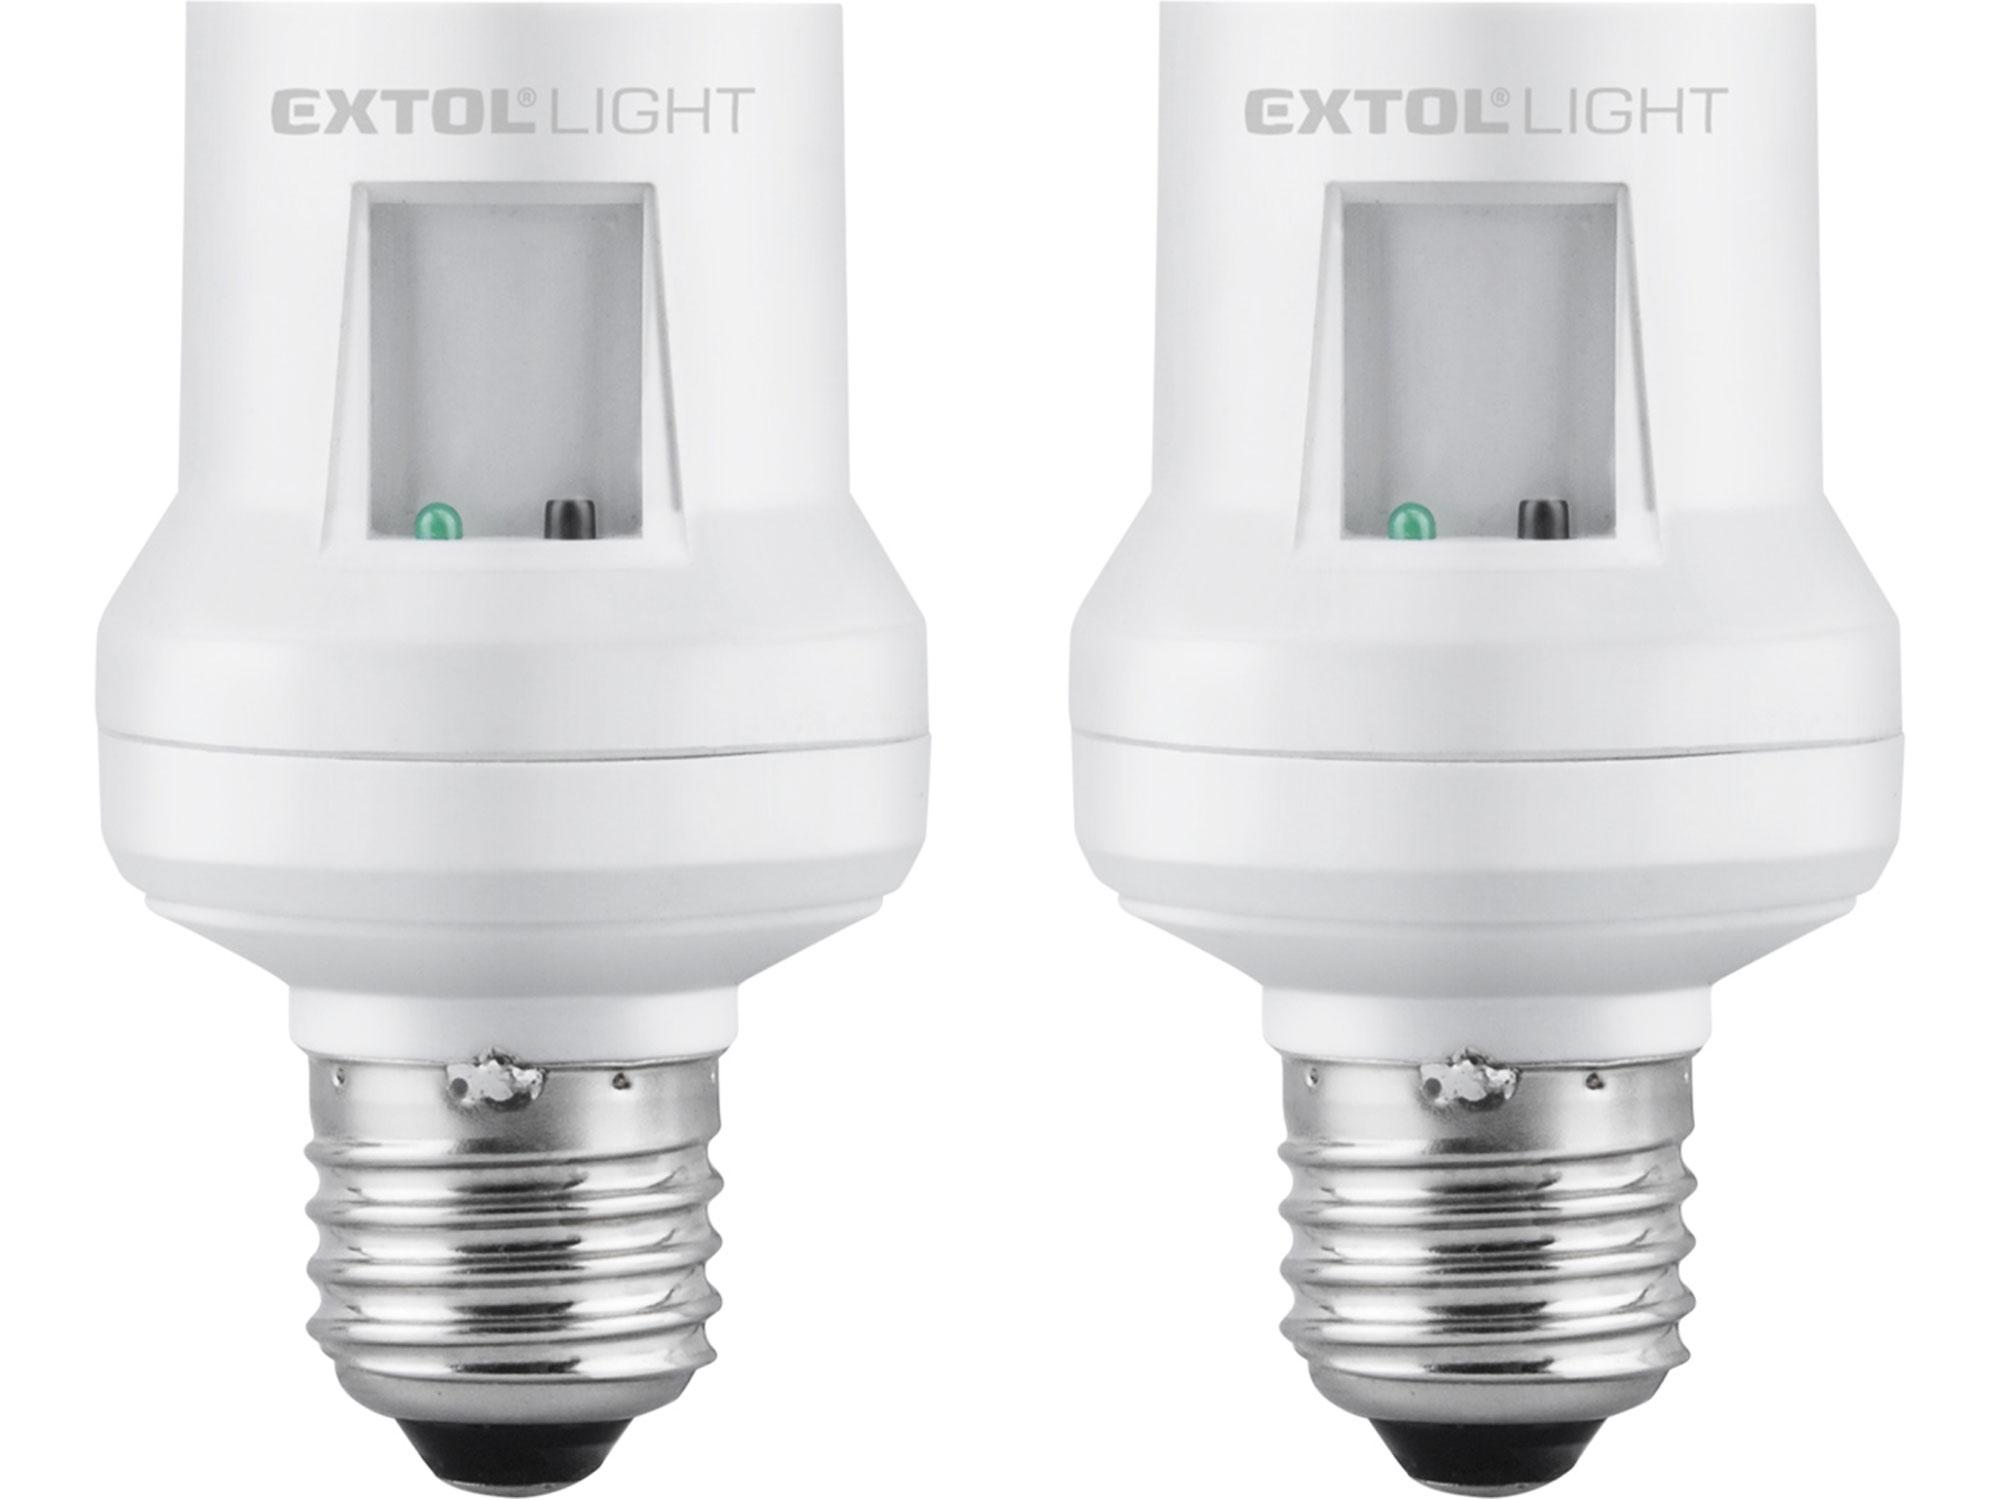 objímka na žárovku s dálkovým ovládáním, 2ks, max. 60W žárovka, E27, dosah 30m 43810